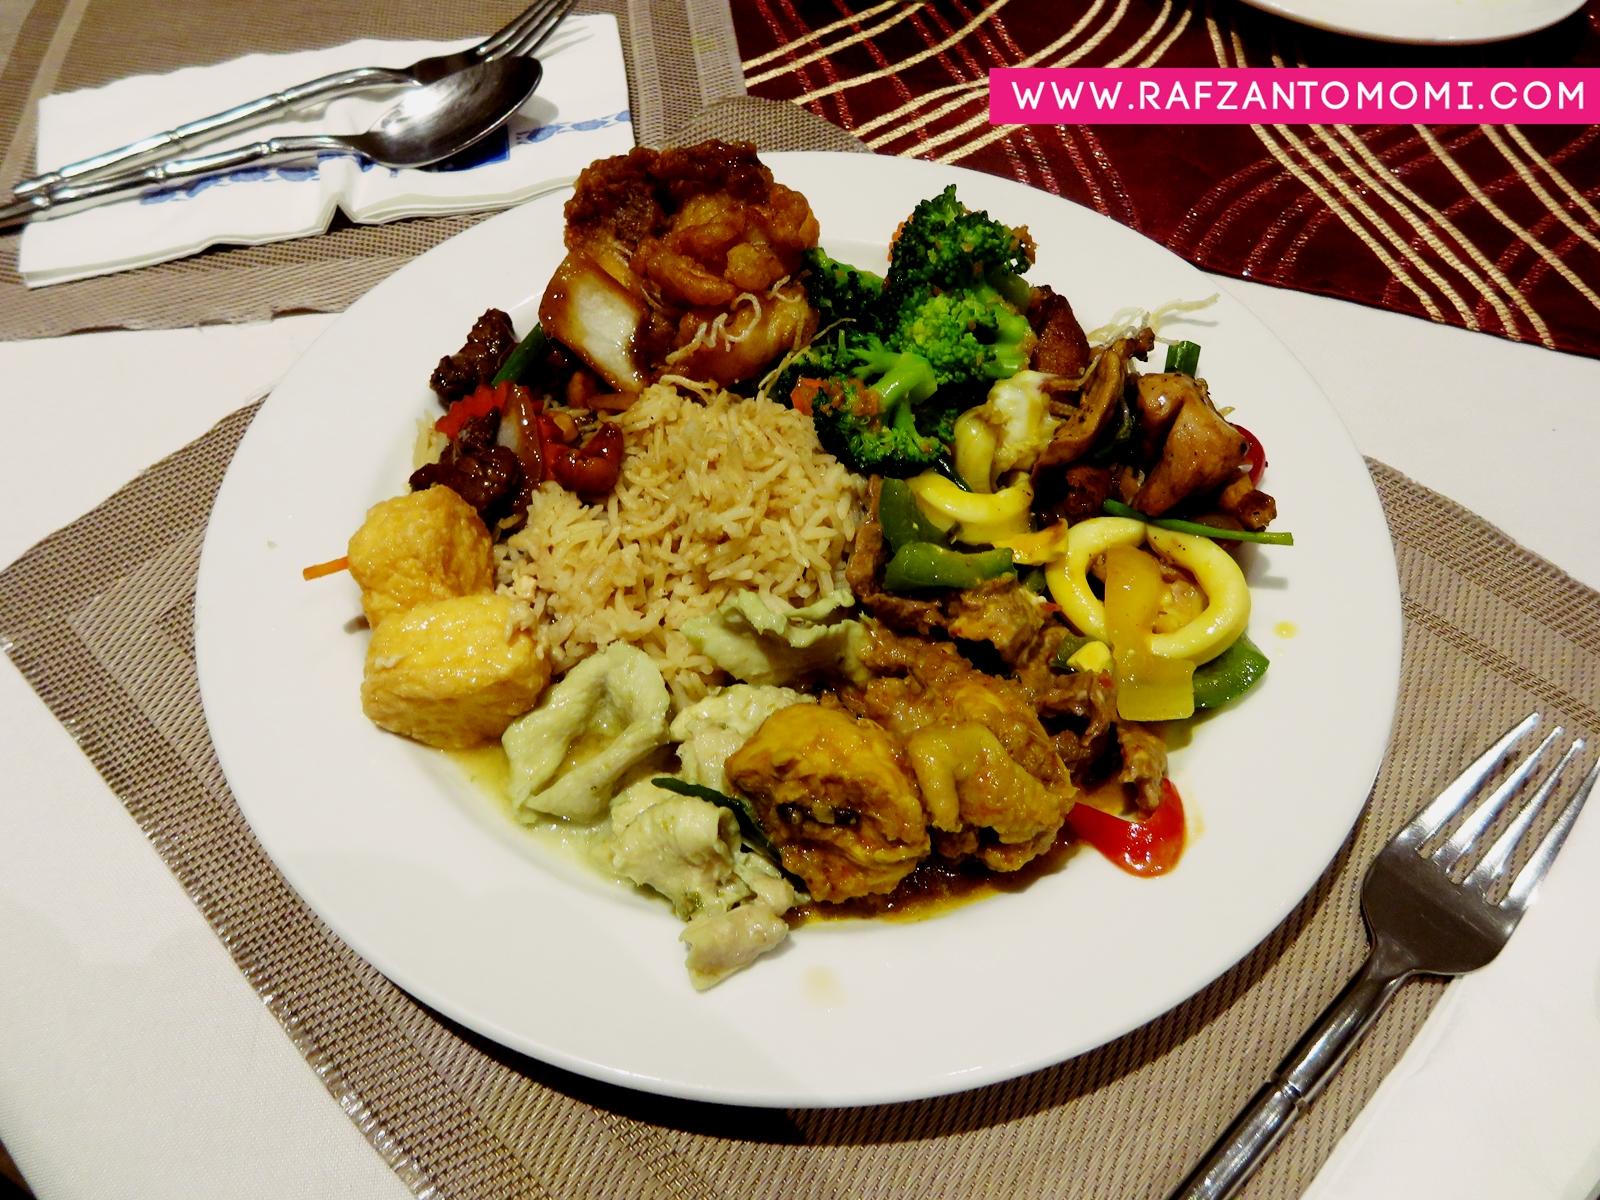 Buffet Ramadhan 2017 - Buka Puasa Selera Thai Di Imperial Chakri Place